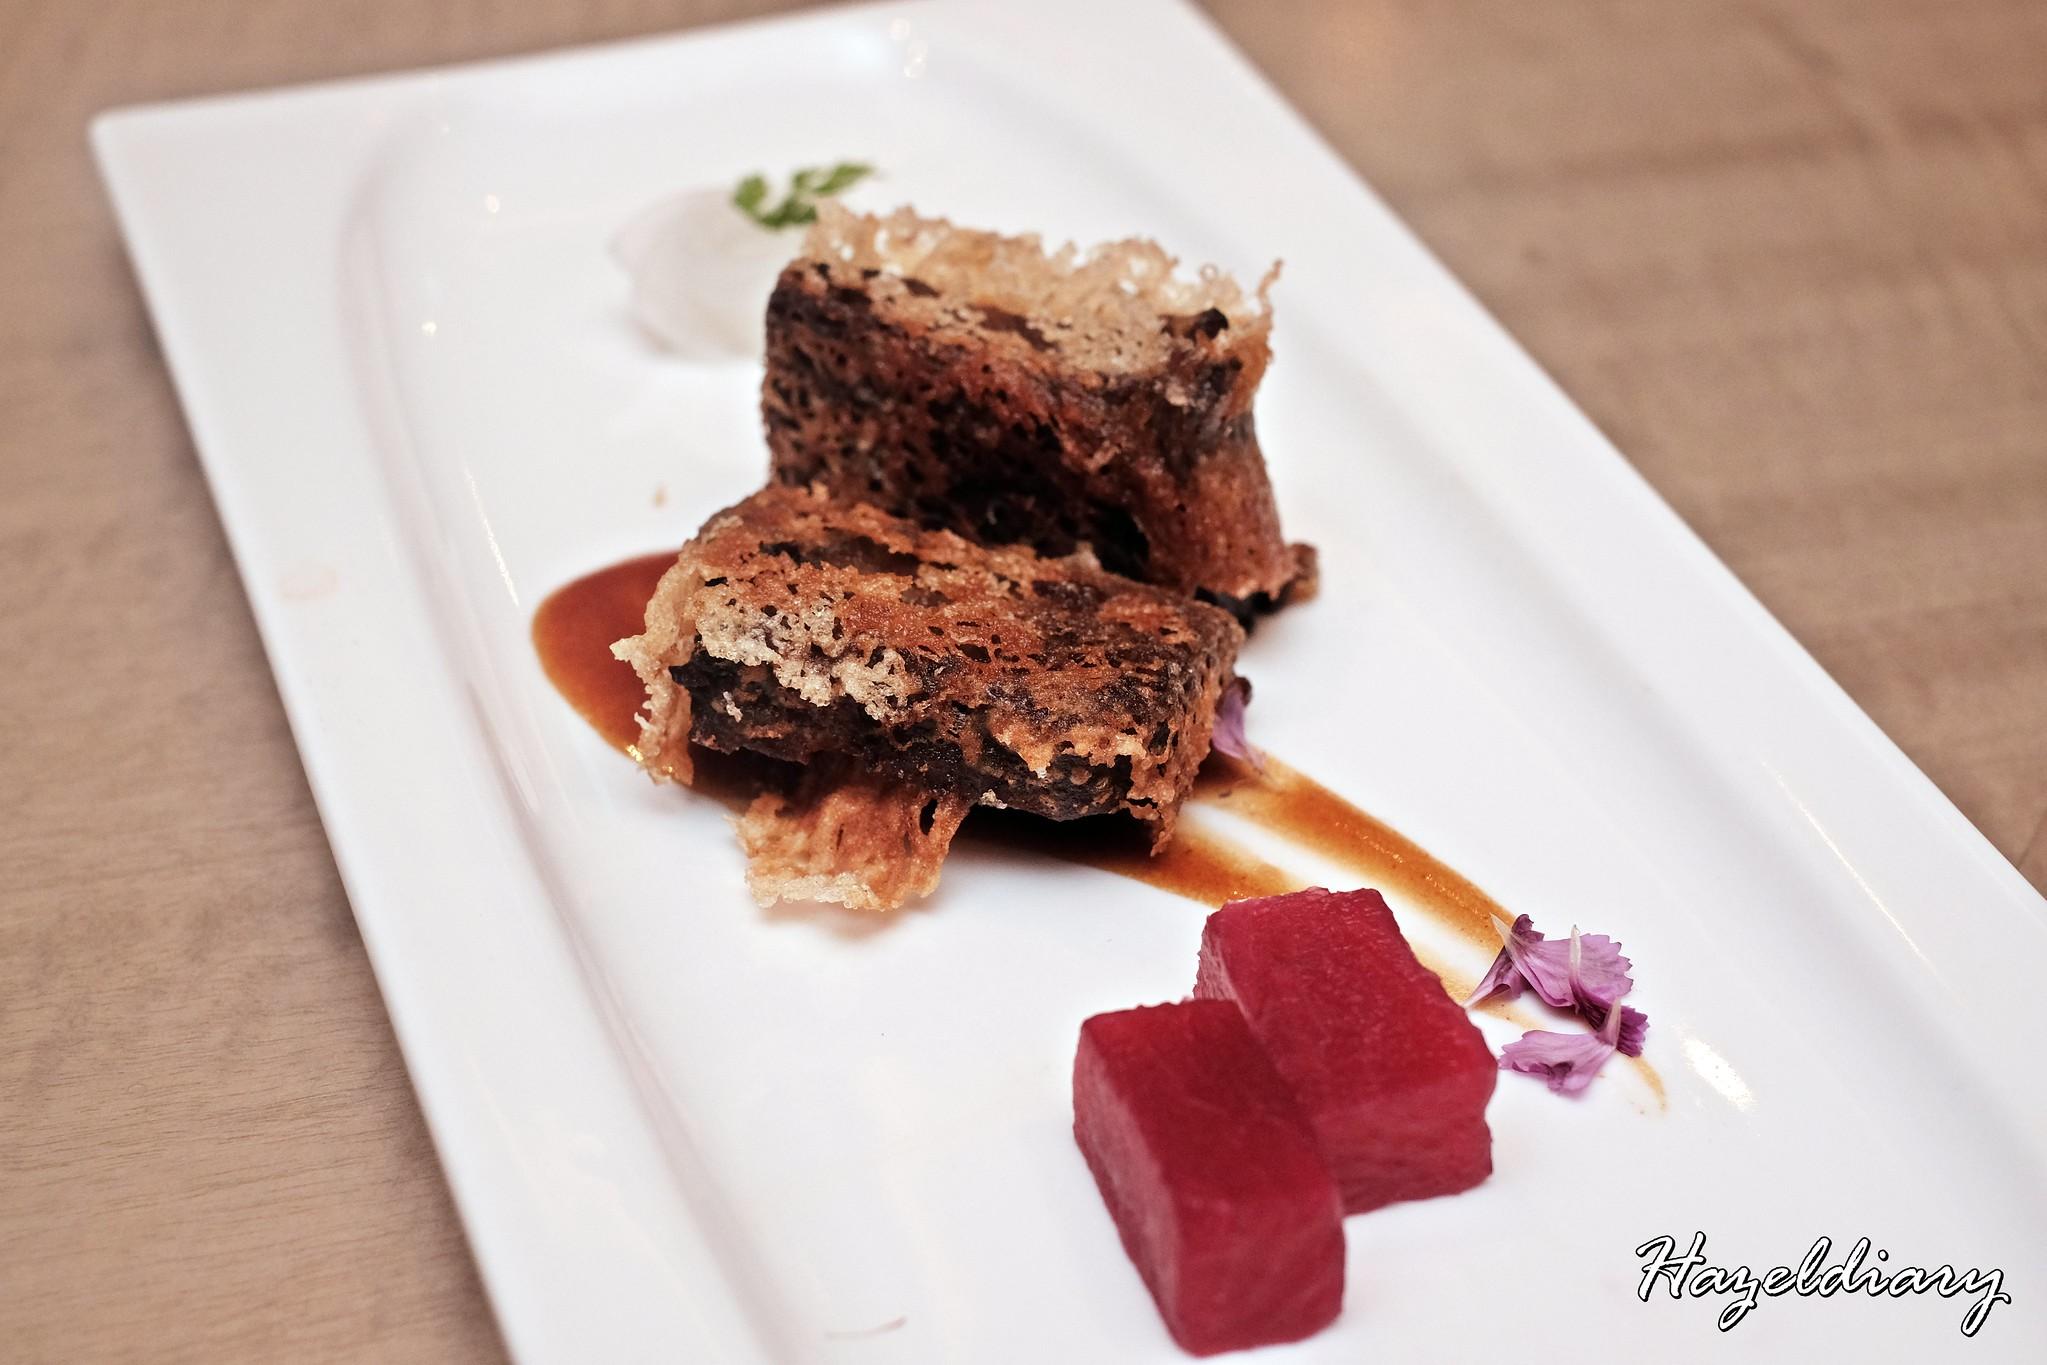 Jiang Nan Chun-Four Seasons Hotel Singapore- Winter Menu -Braised Beef Cheek